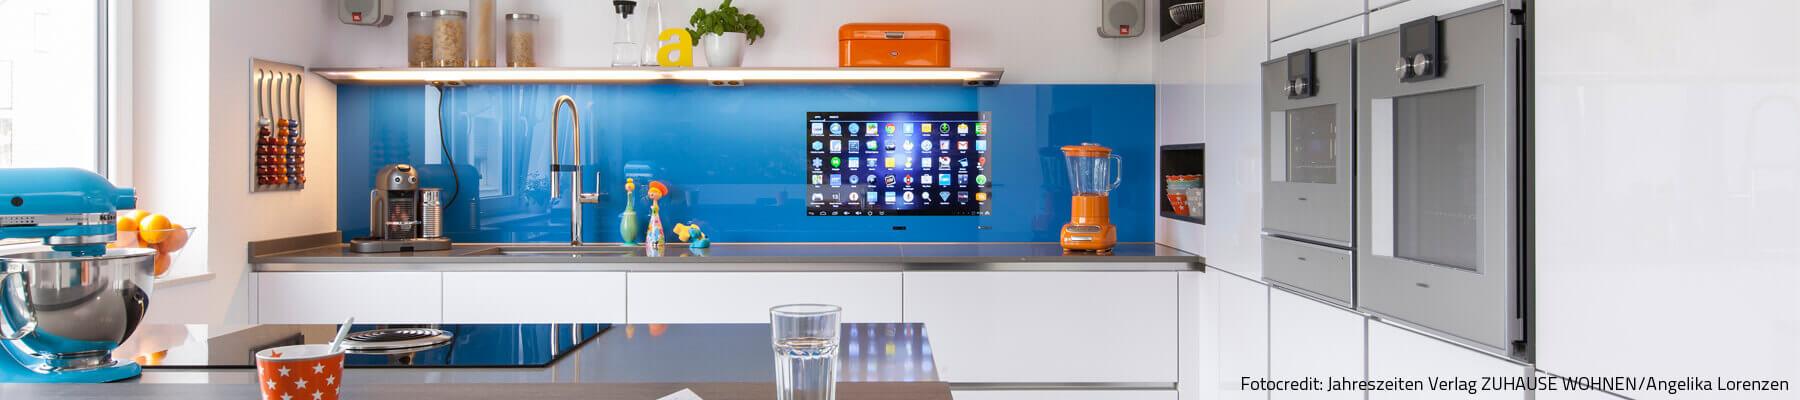 SMART VISION Fernseher in der Küche integrieren